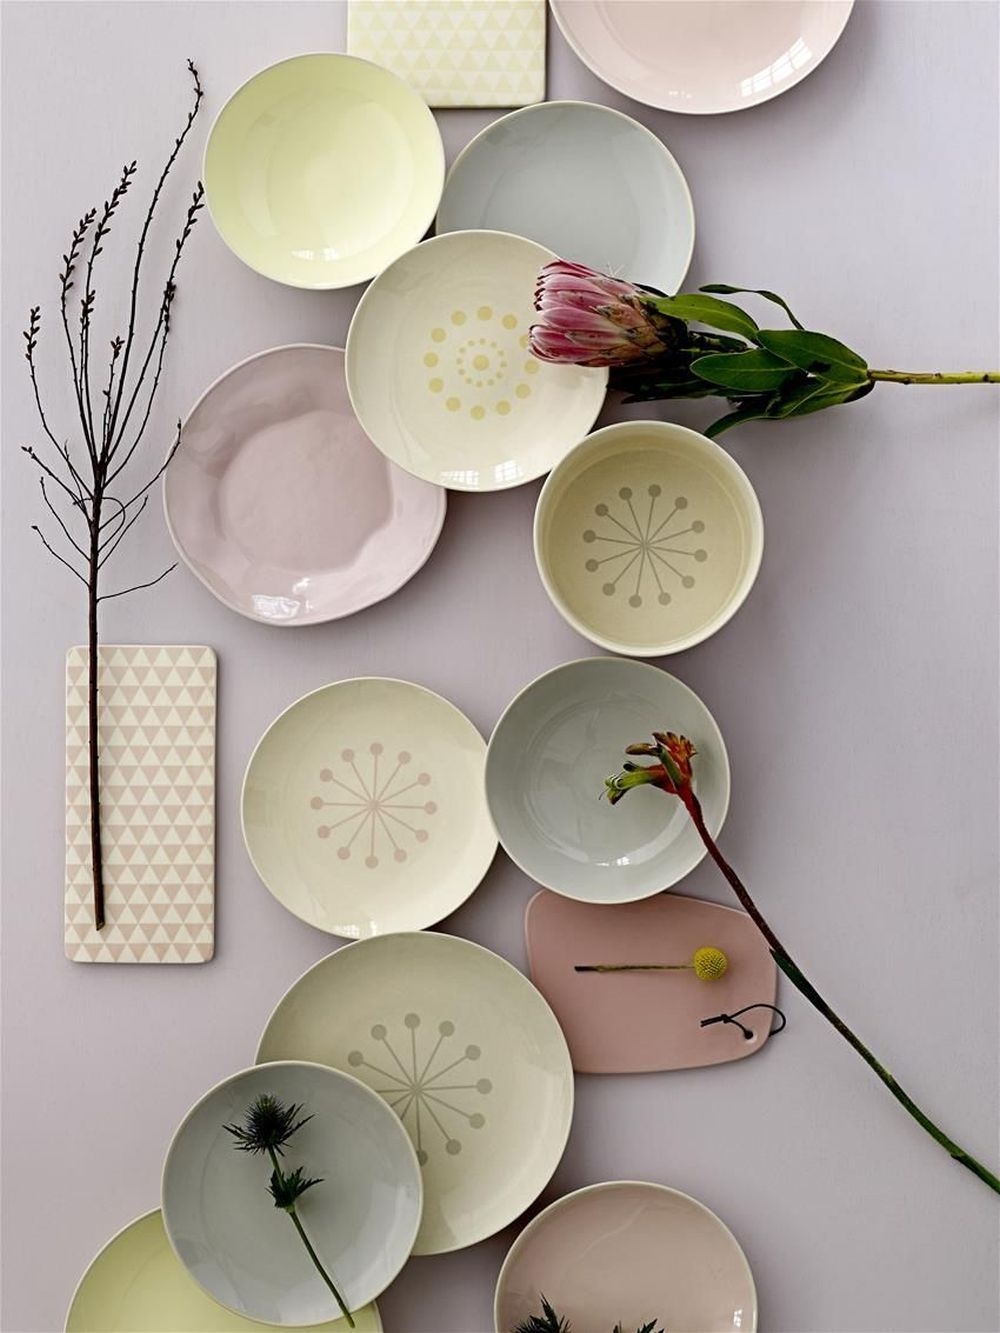 adelaparvu.com despre decoratiuni de Craciun in stil scandinav, produse Somproduct (6)